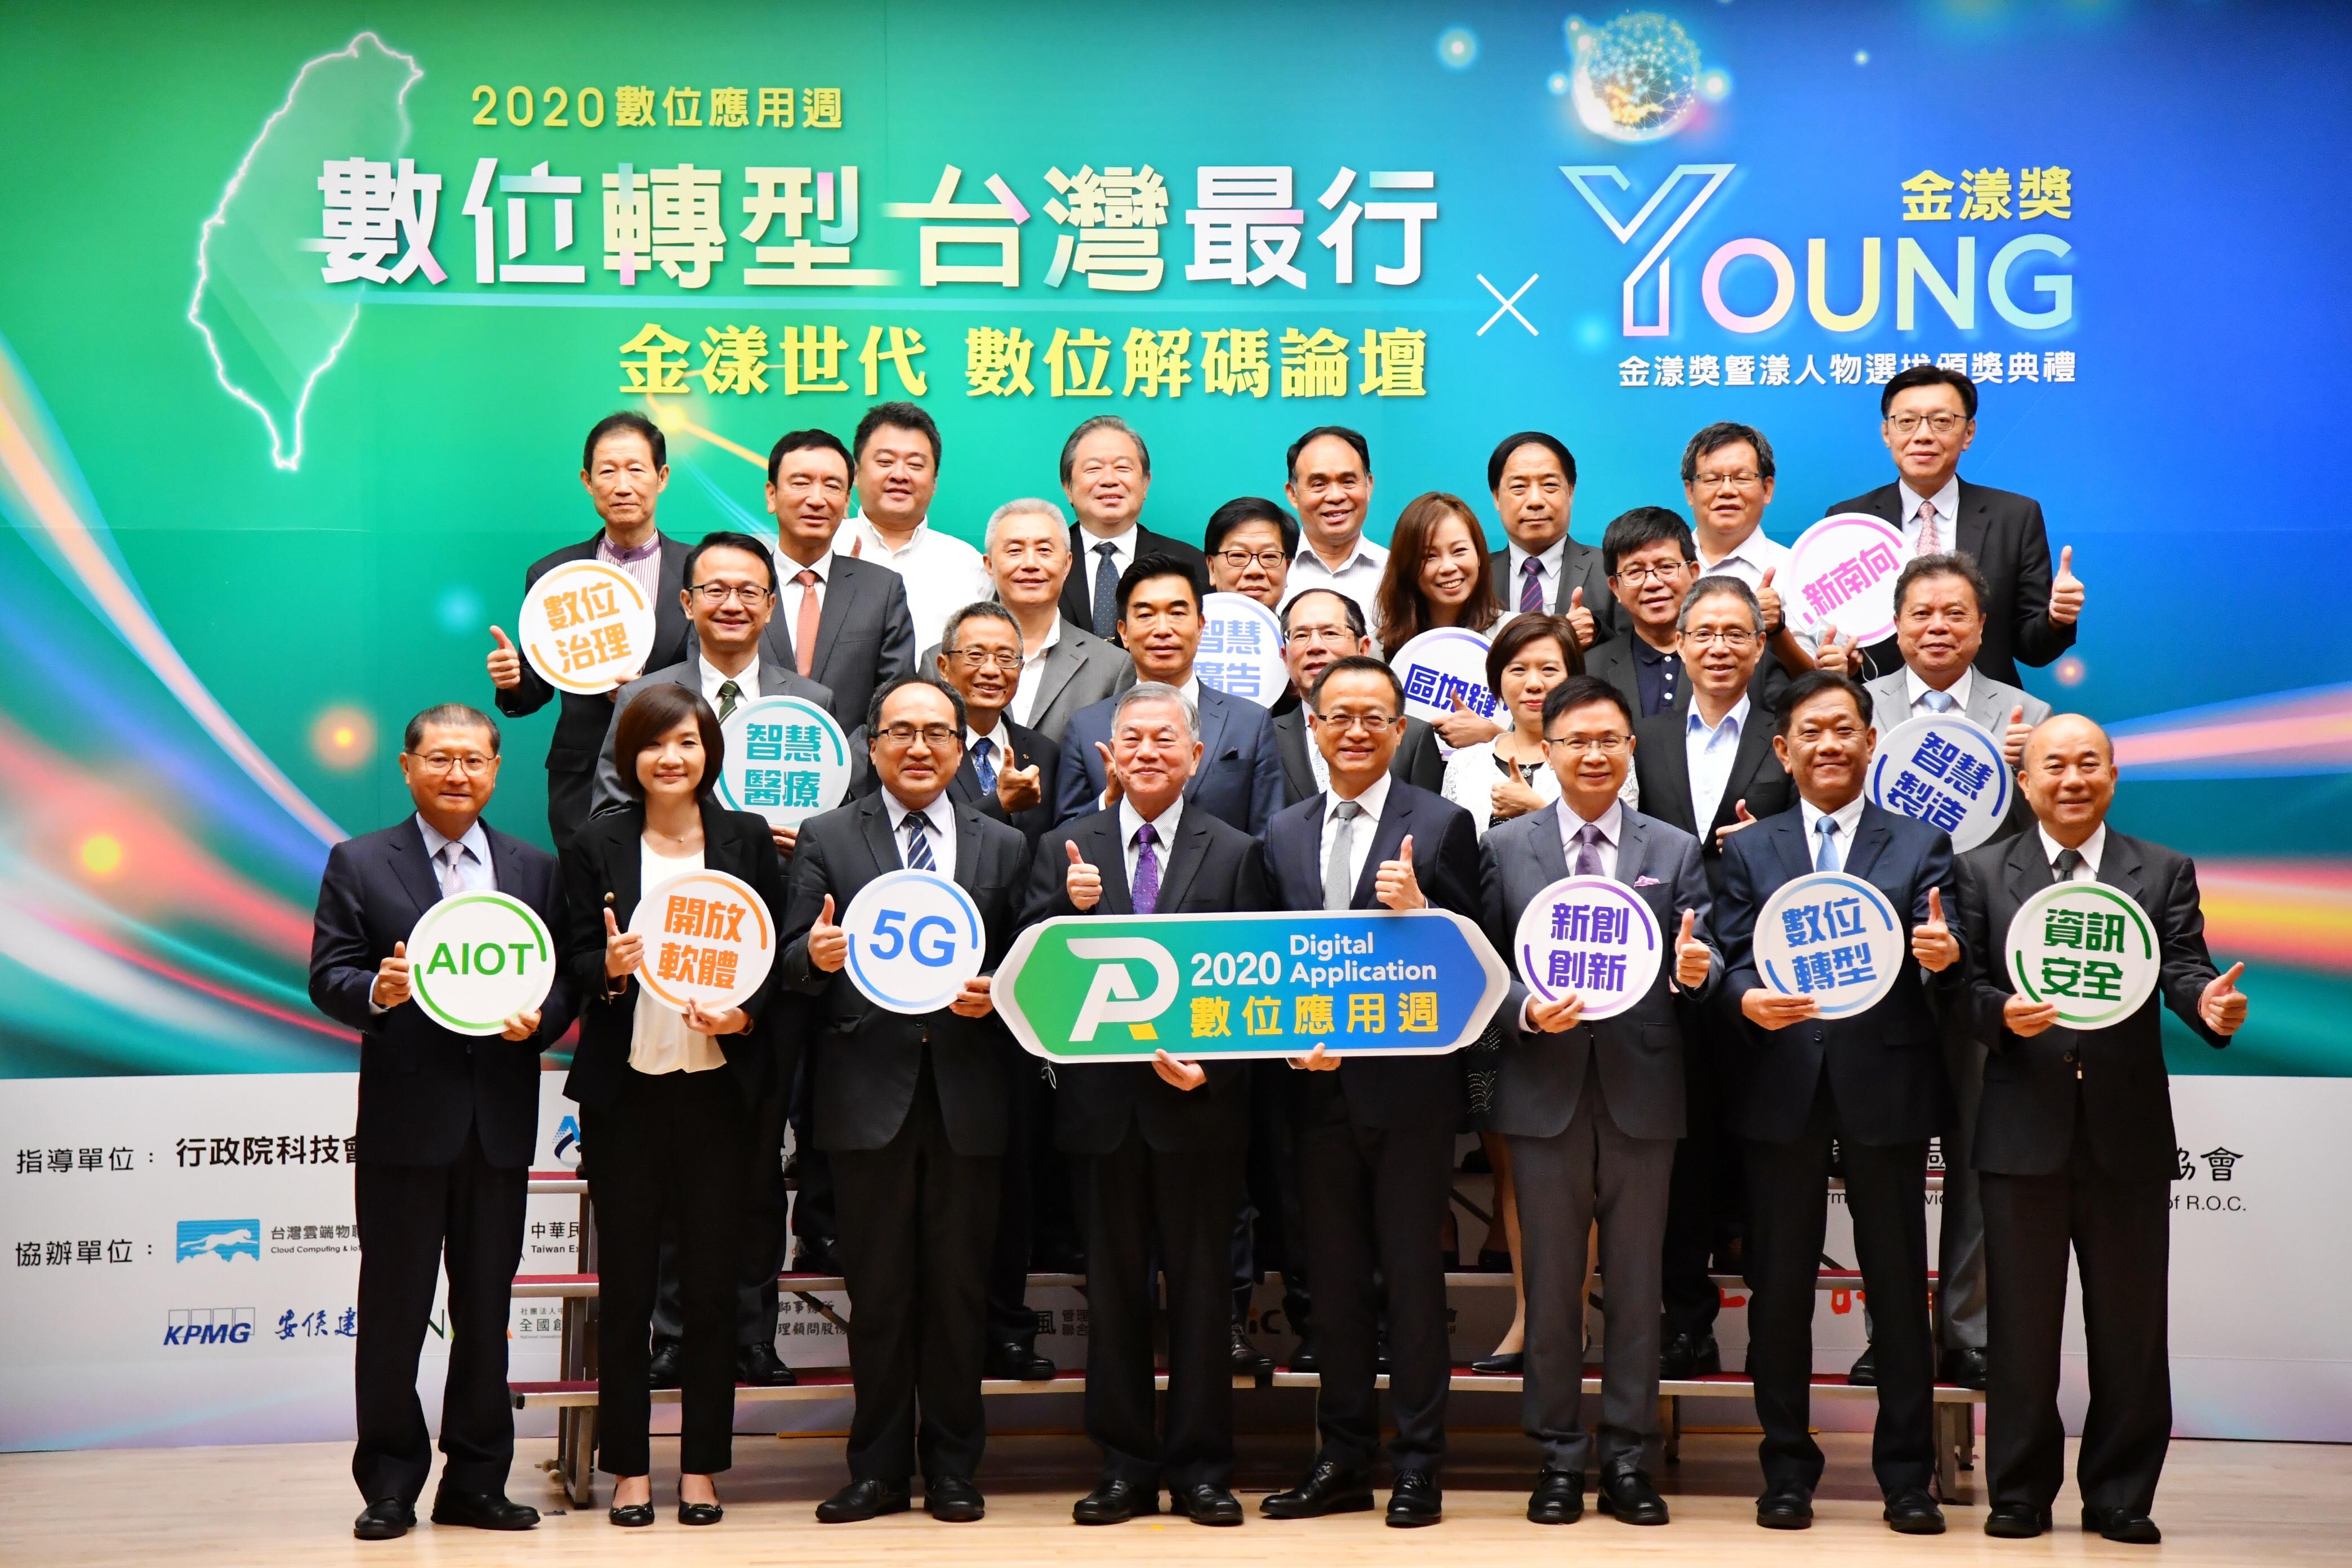 2020年9月1日行政院副院長沈榮津出席數位應用週暨創新數位應用館開幕典禮